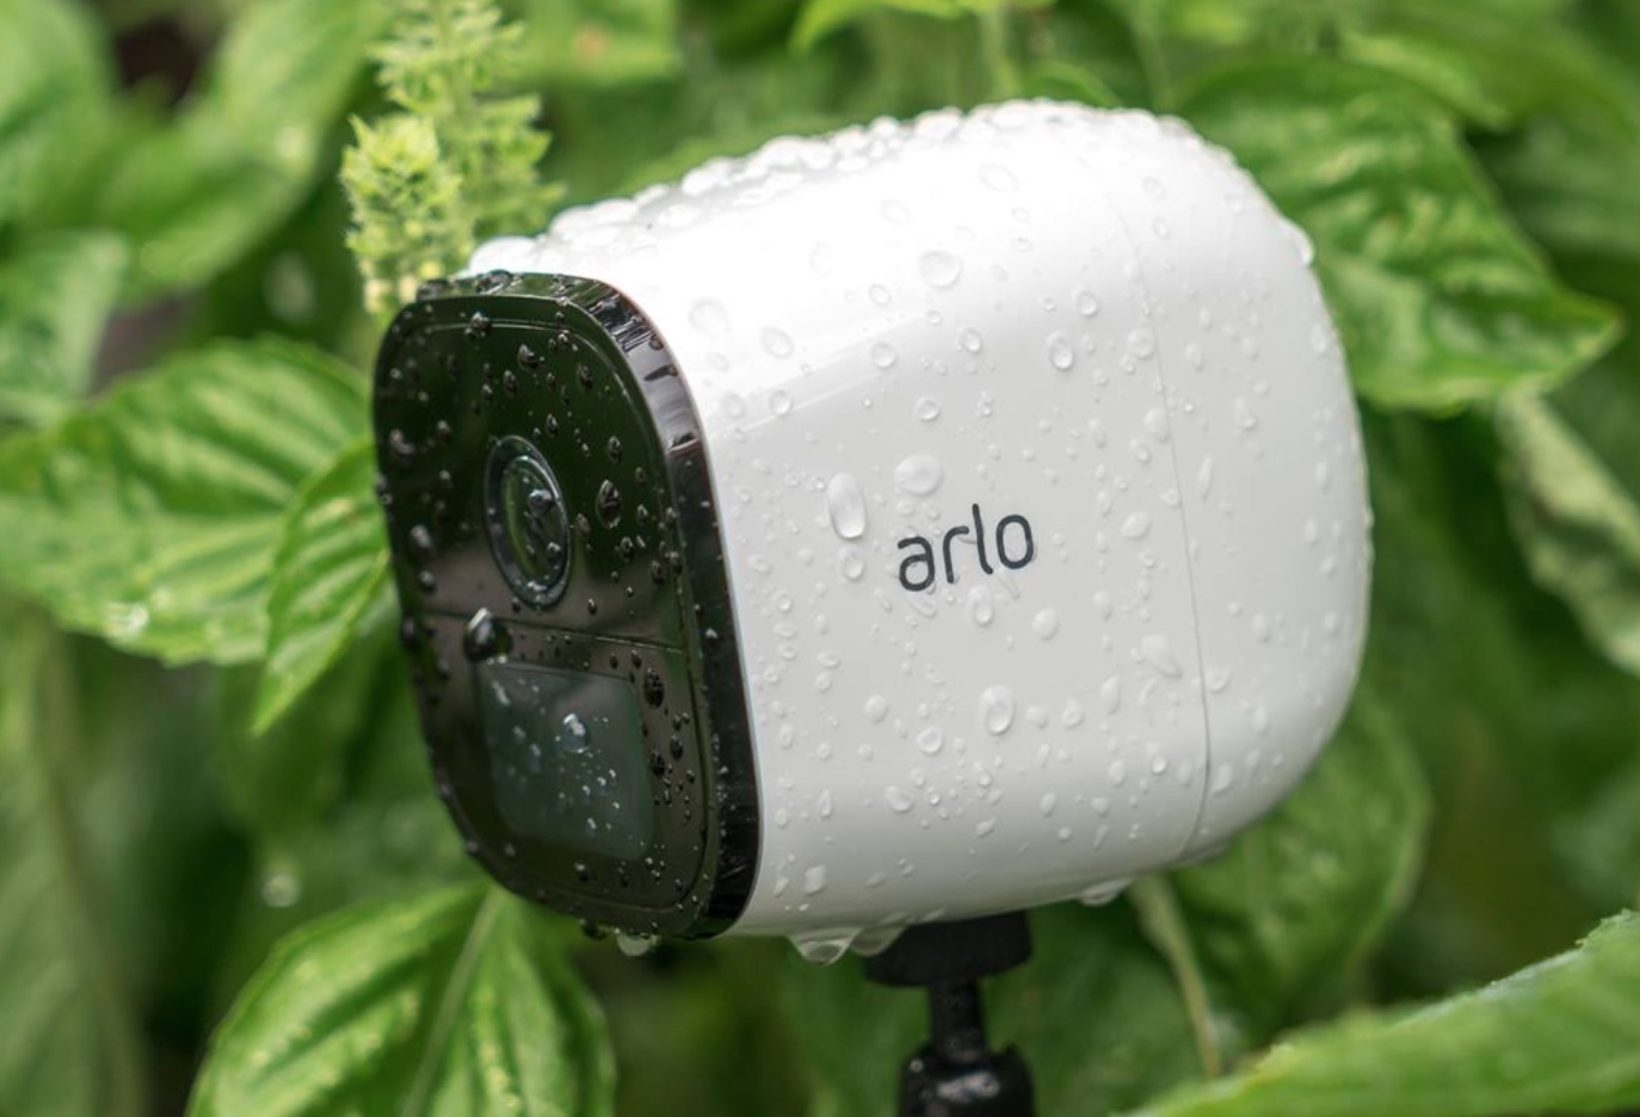 Plafoniera Da Esterno Con Telecamera : Come scegliere le arlo telecamere da esterno a batteria in